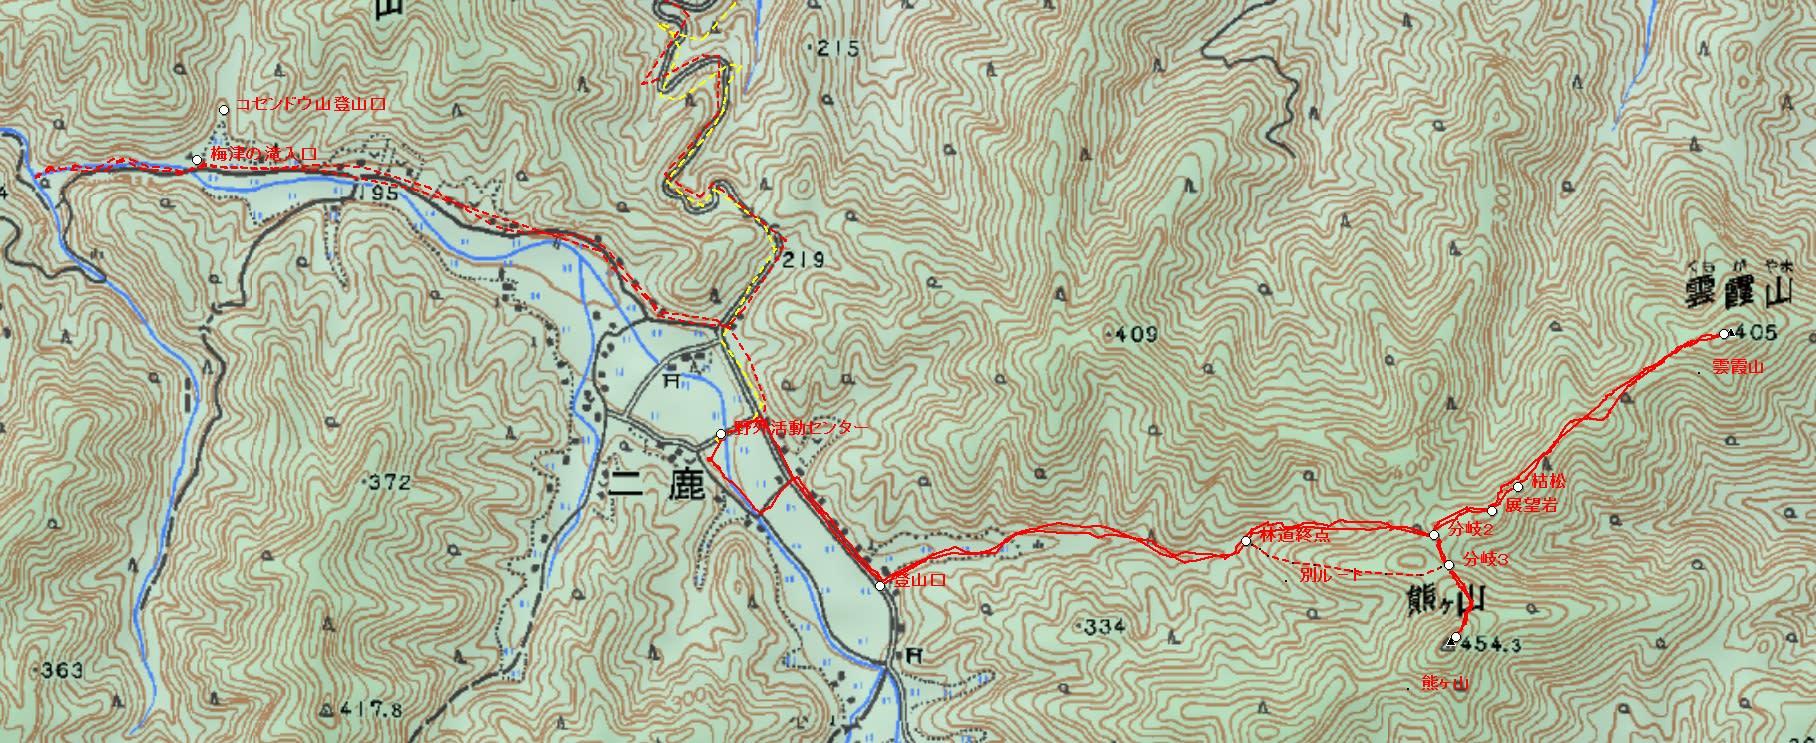 岩国市熊ヶ山(454.3m)・雲霞山(クモガヤマ405m)登山と梅津の滝散策(1) 概略&MAP - ひろしま里山放浪記